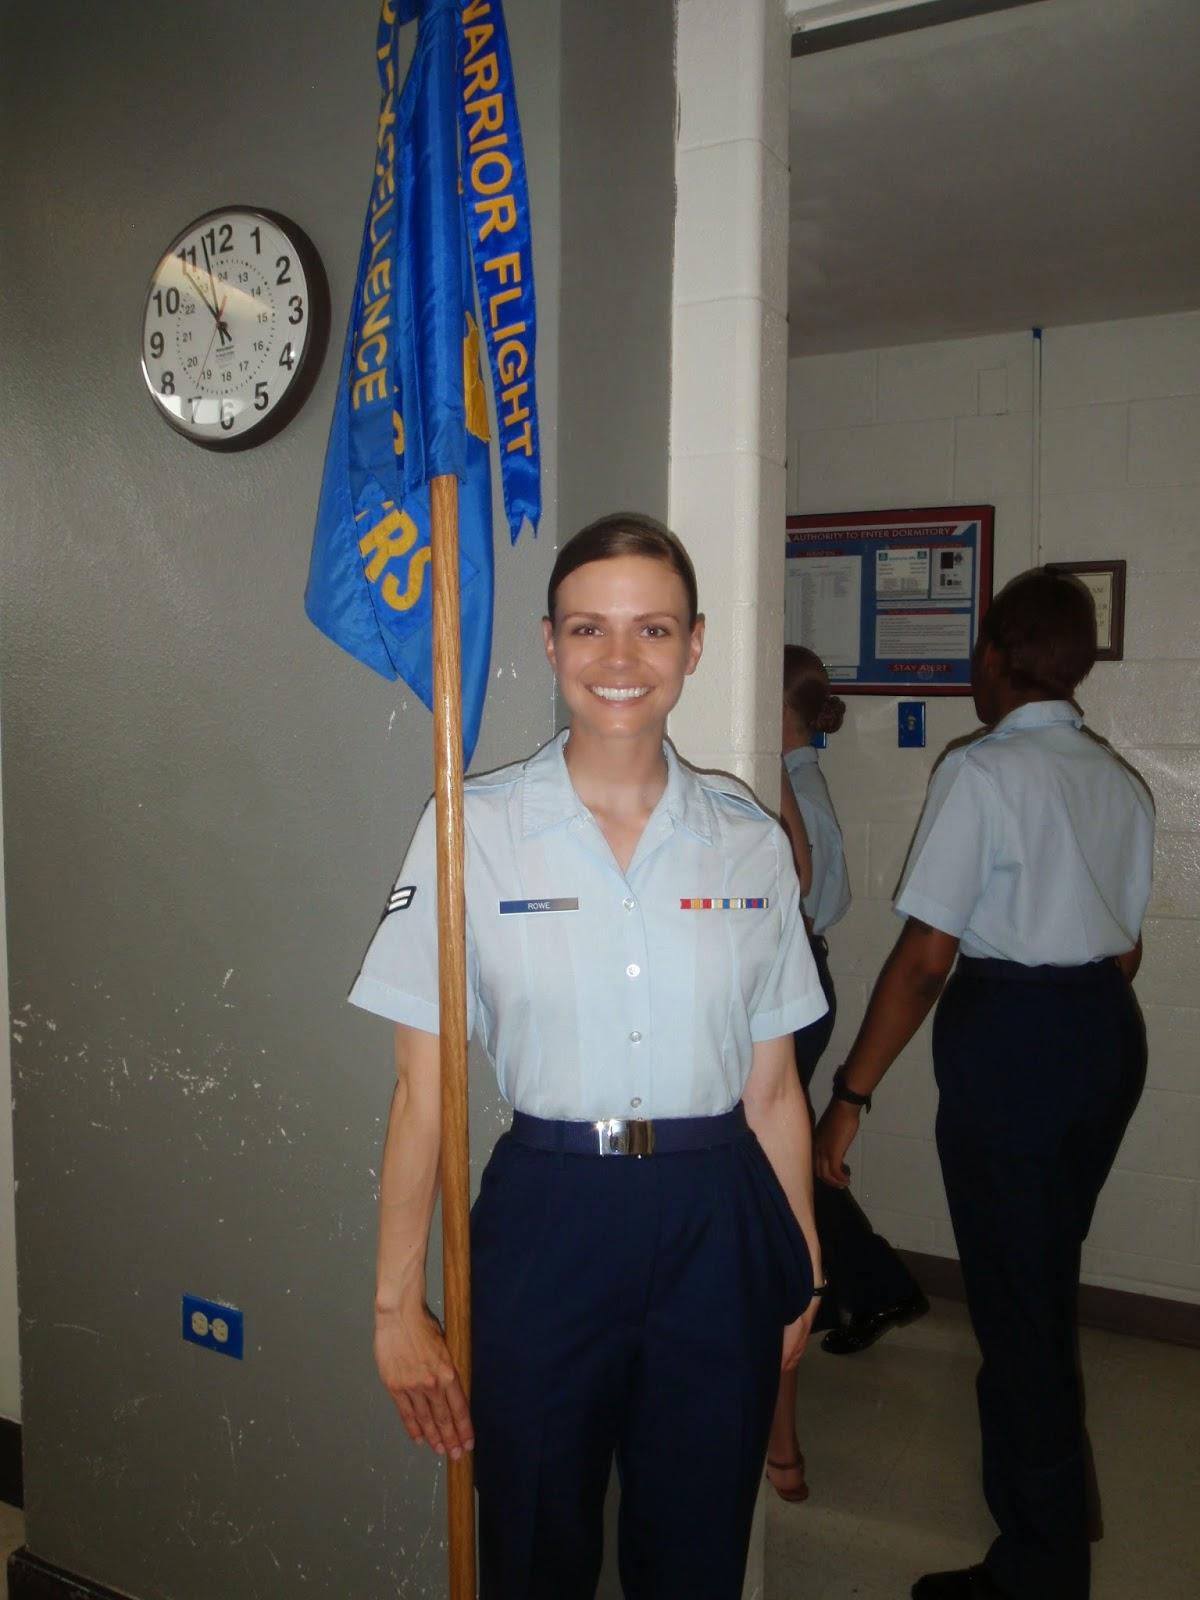 Air Force BMT Guideon Bearer